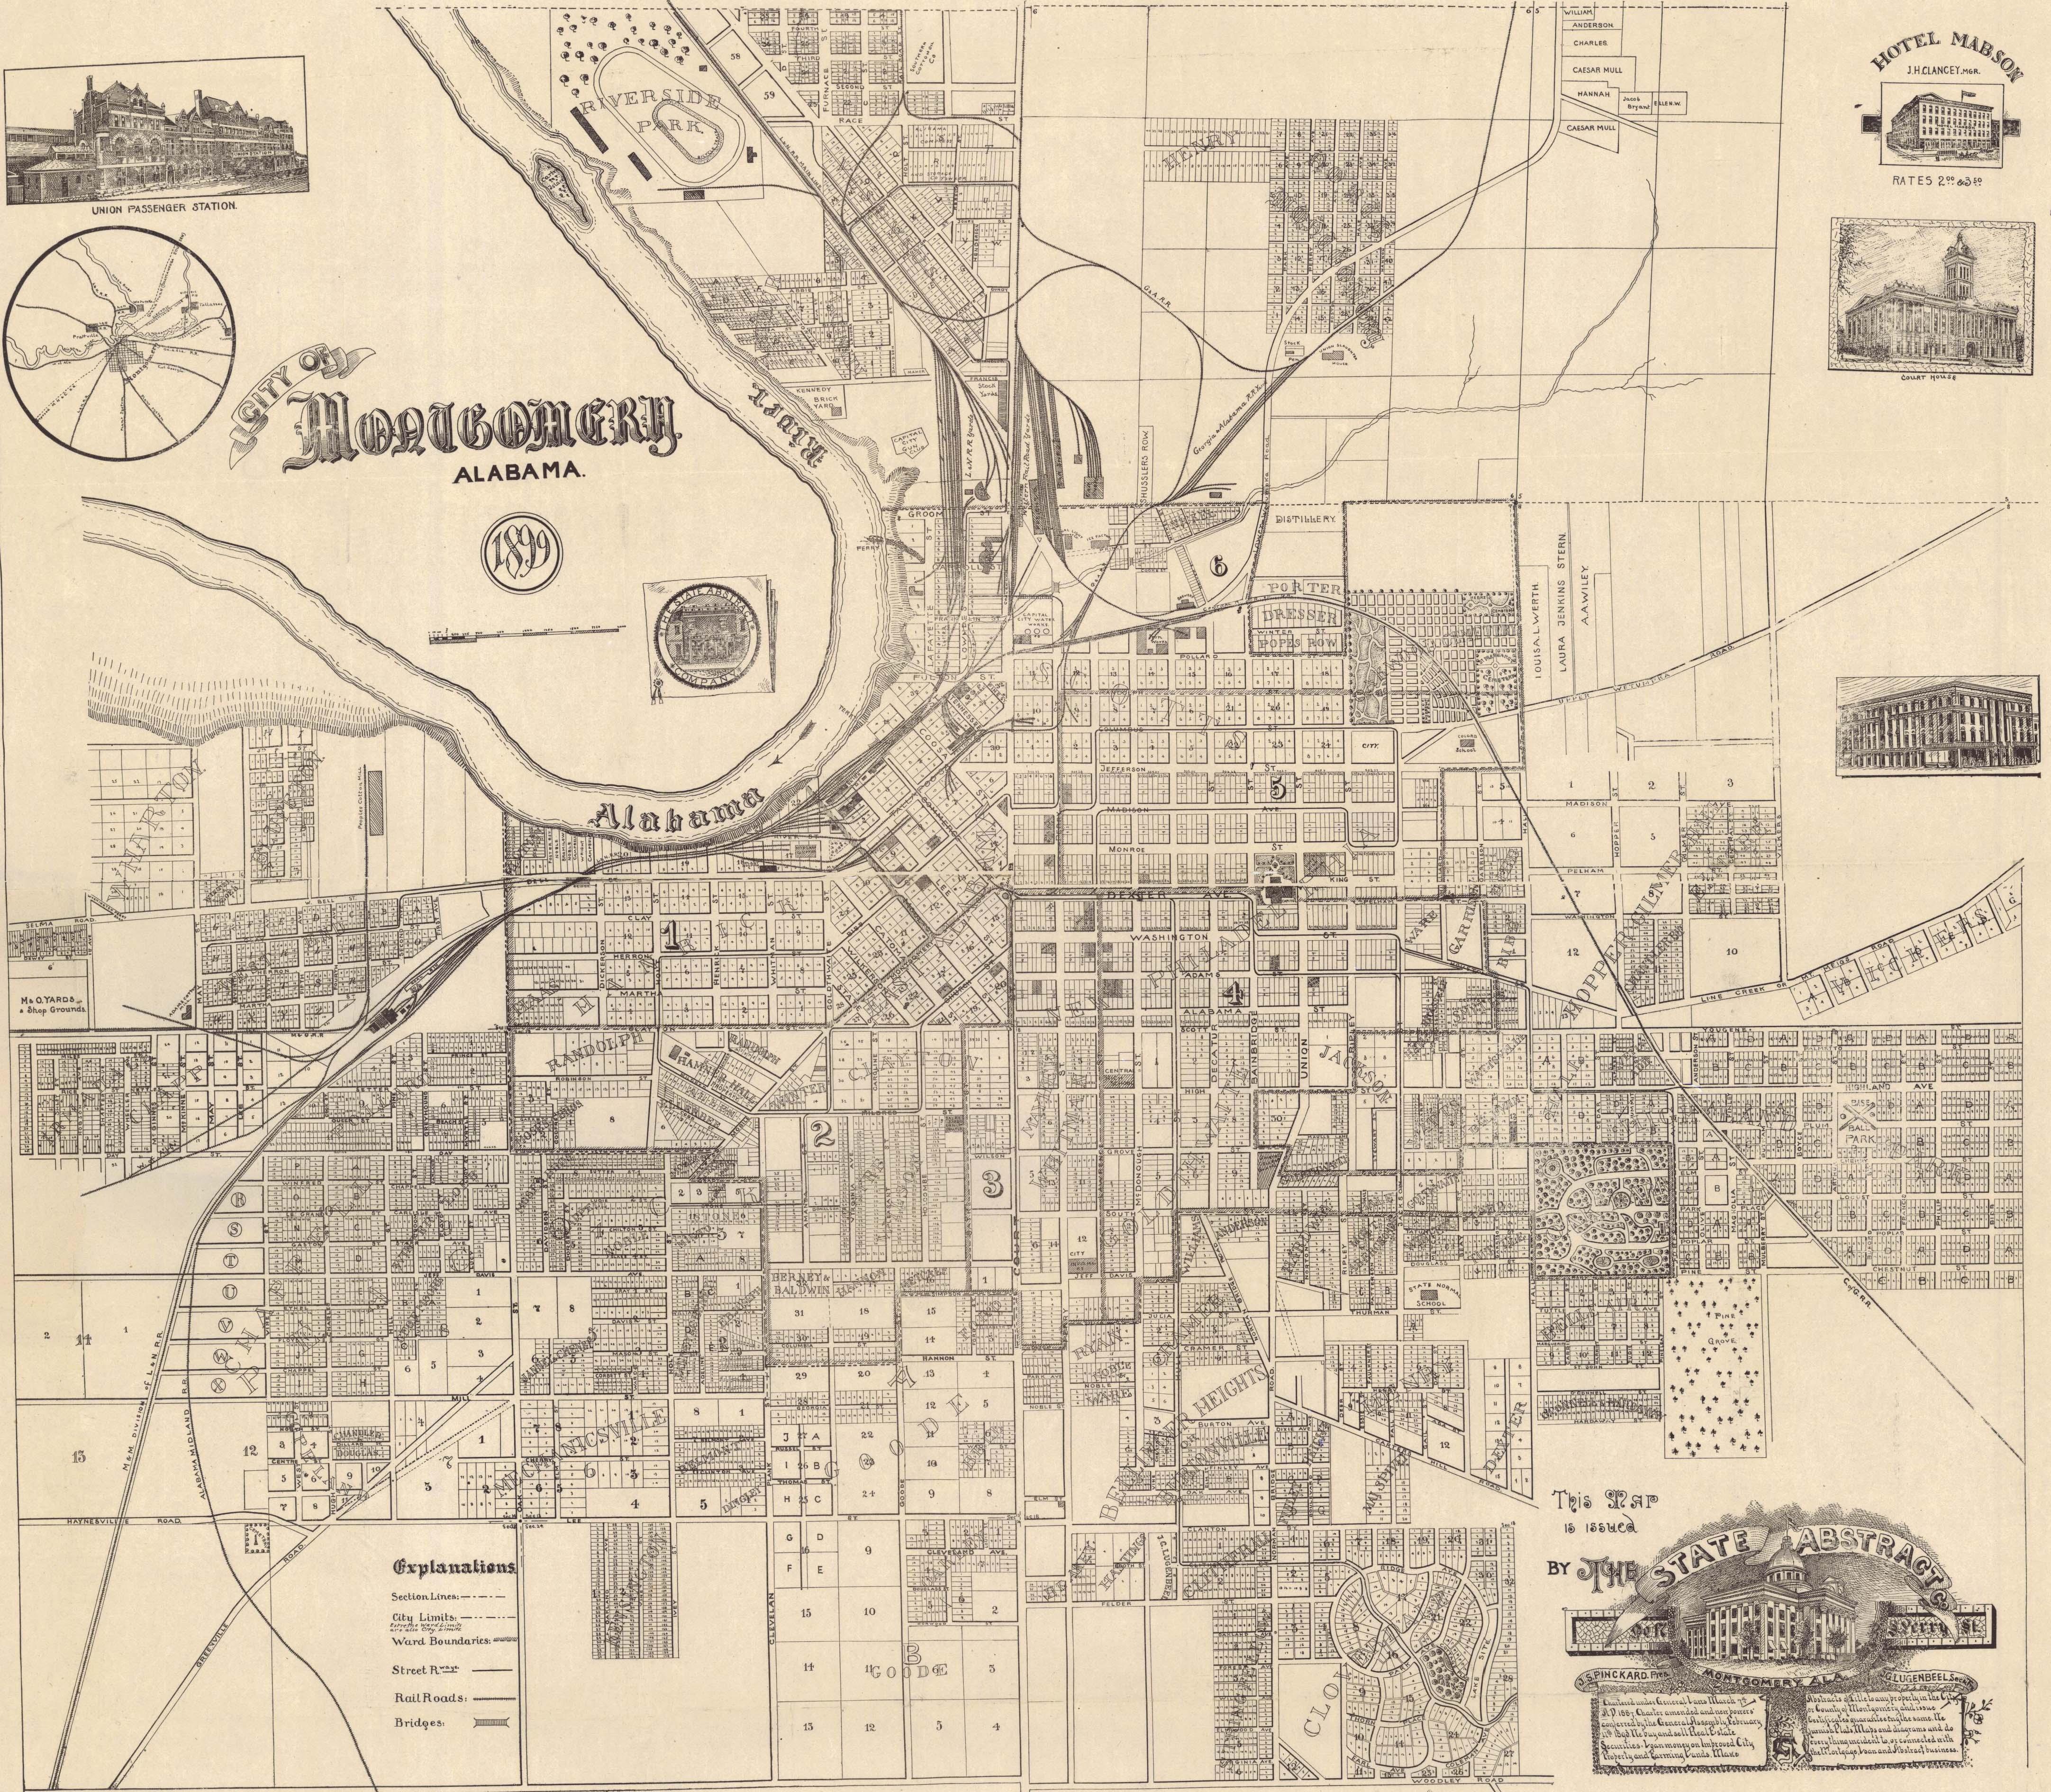 File:1899 map of Montgomery, Alabama.jpeg - Wikimedia Commons